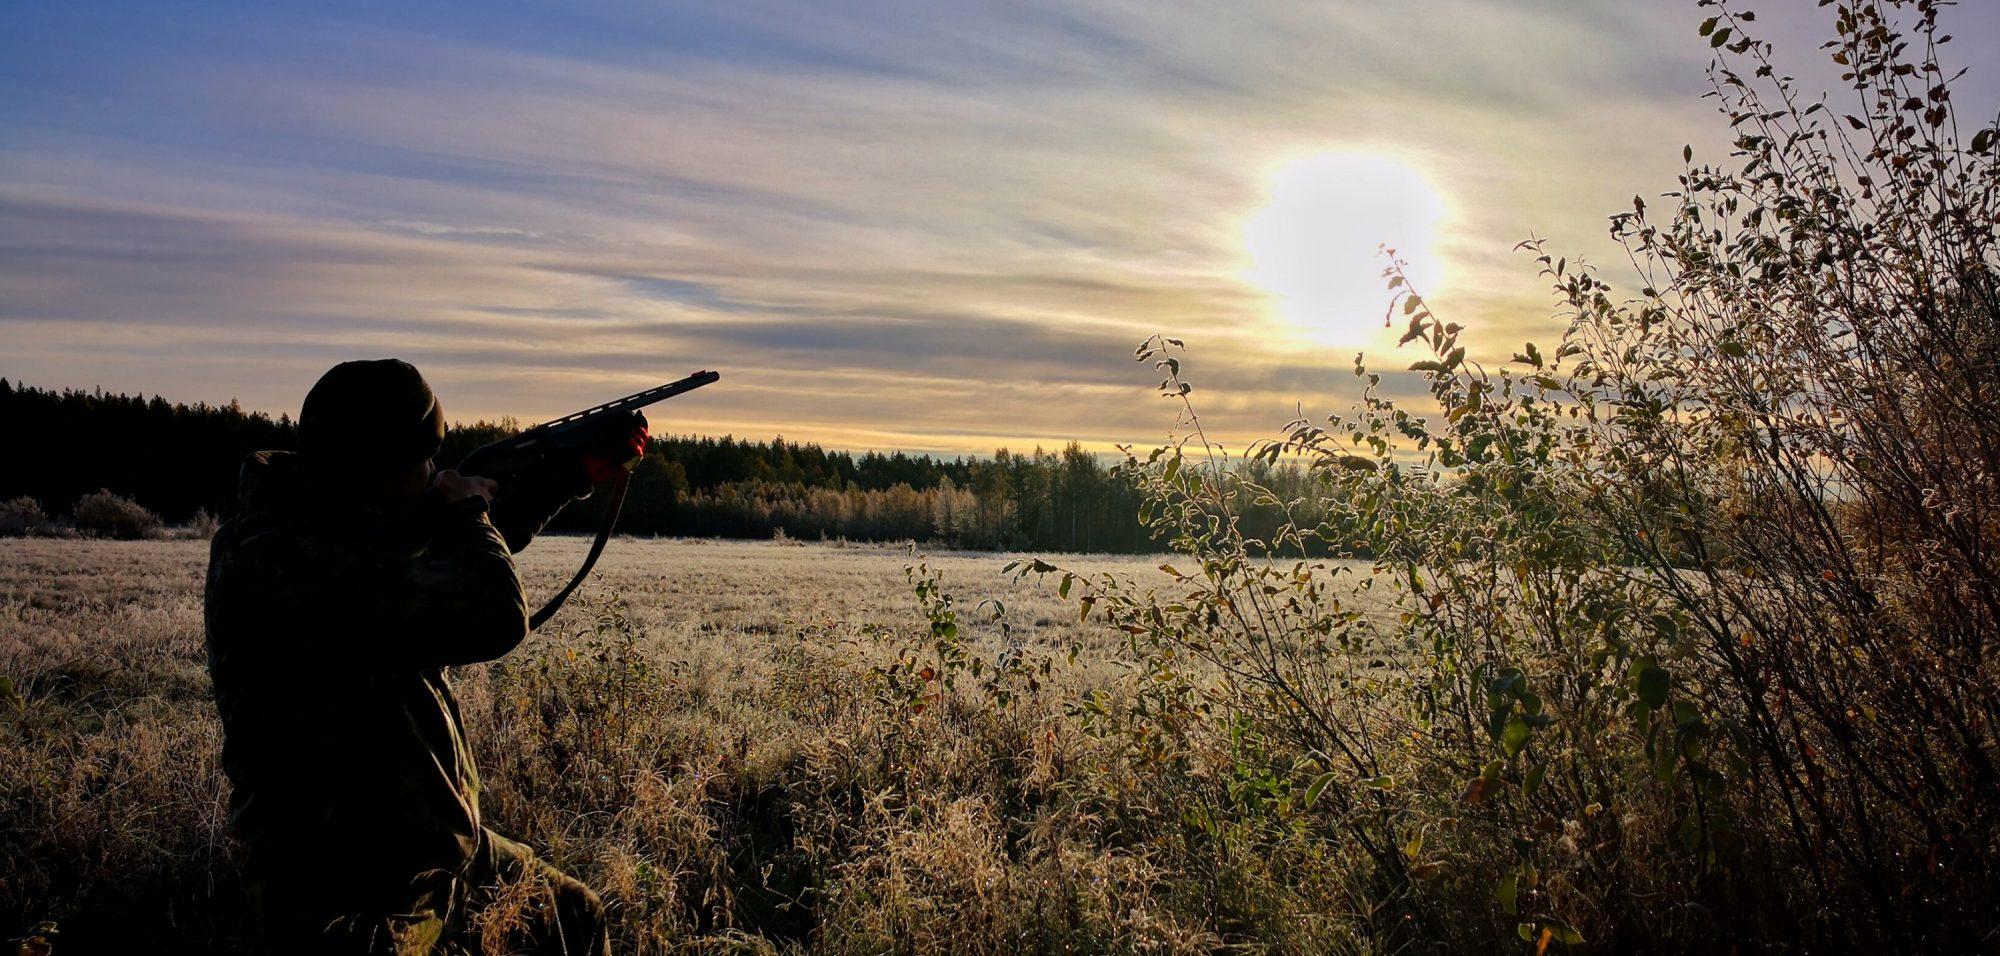 Menkijärven metsästysseura